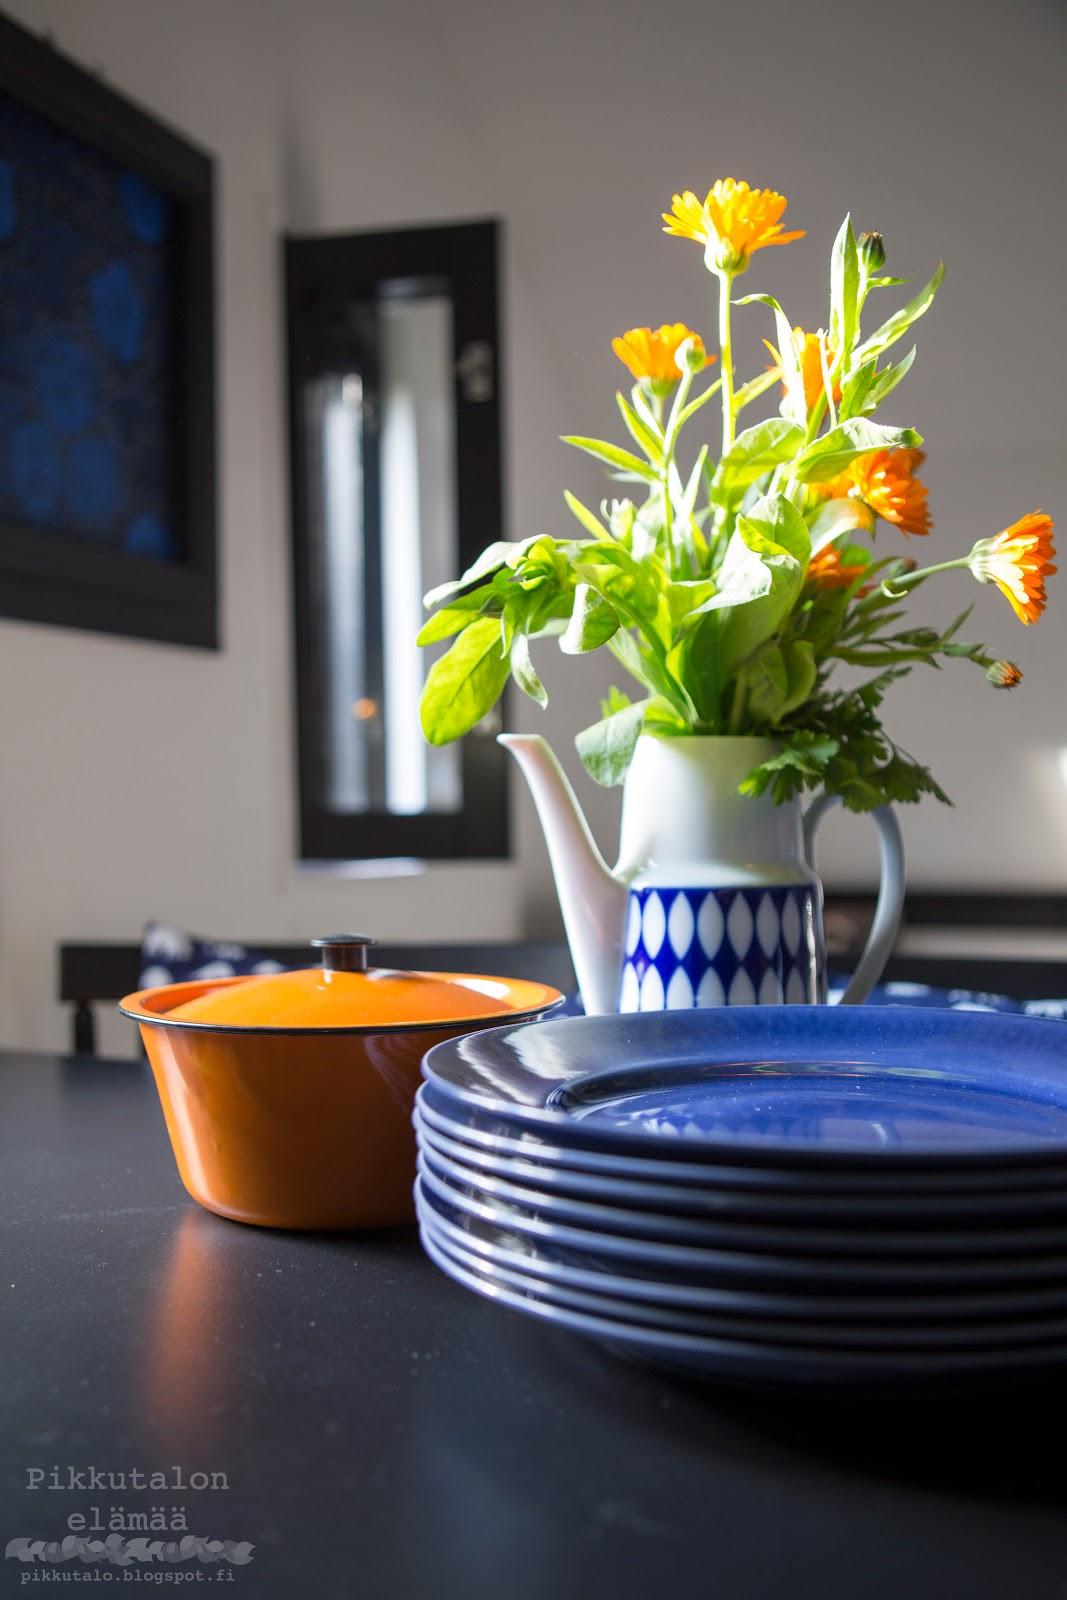 siniset gustafsberg lautaset myytävänä